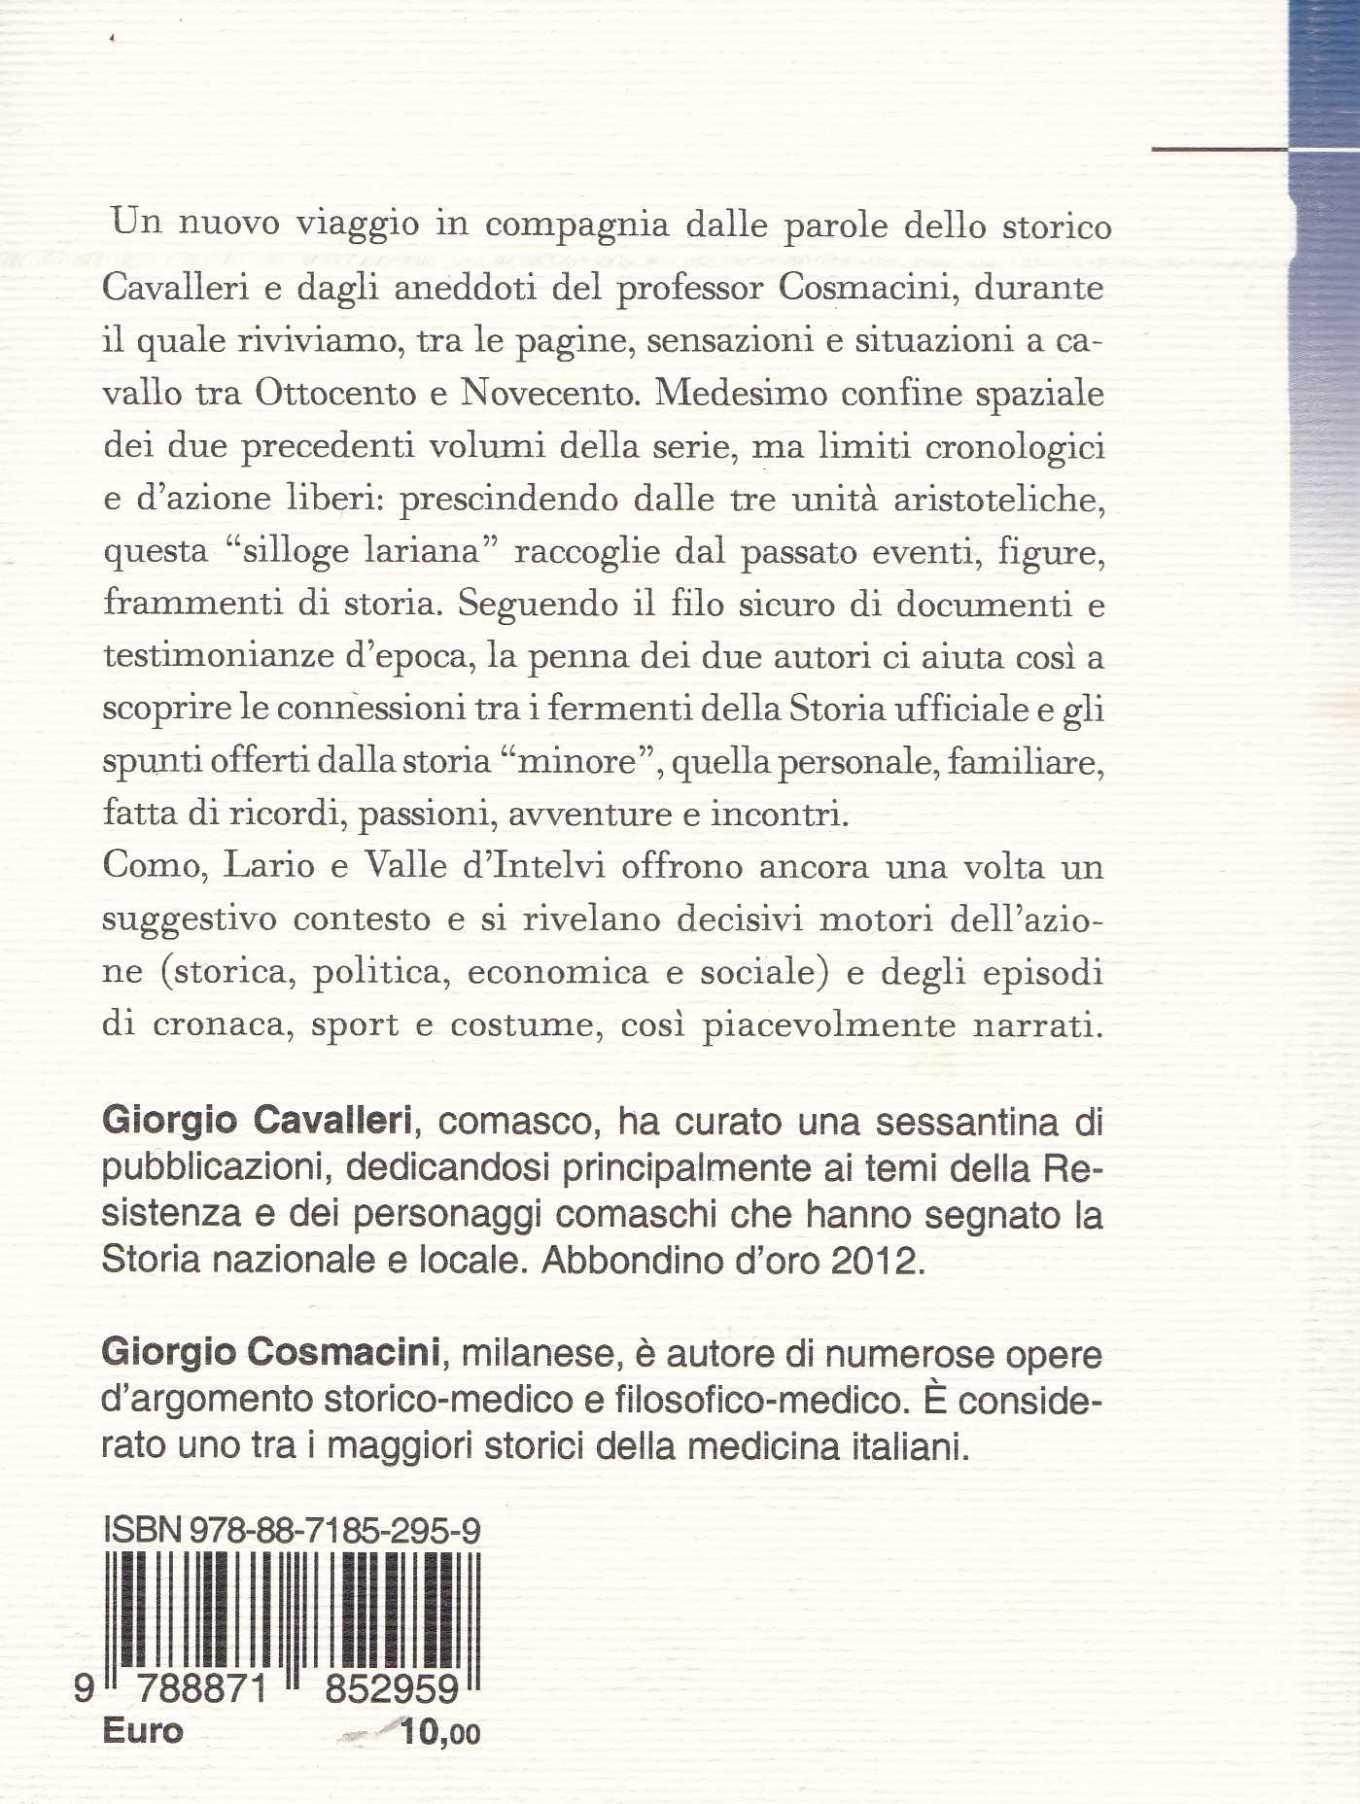 CAVALLERI COSMACINI2474